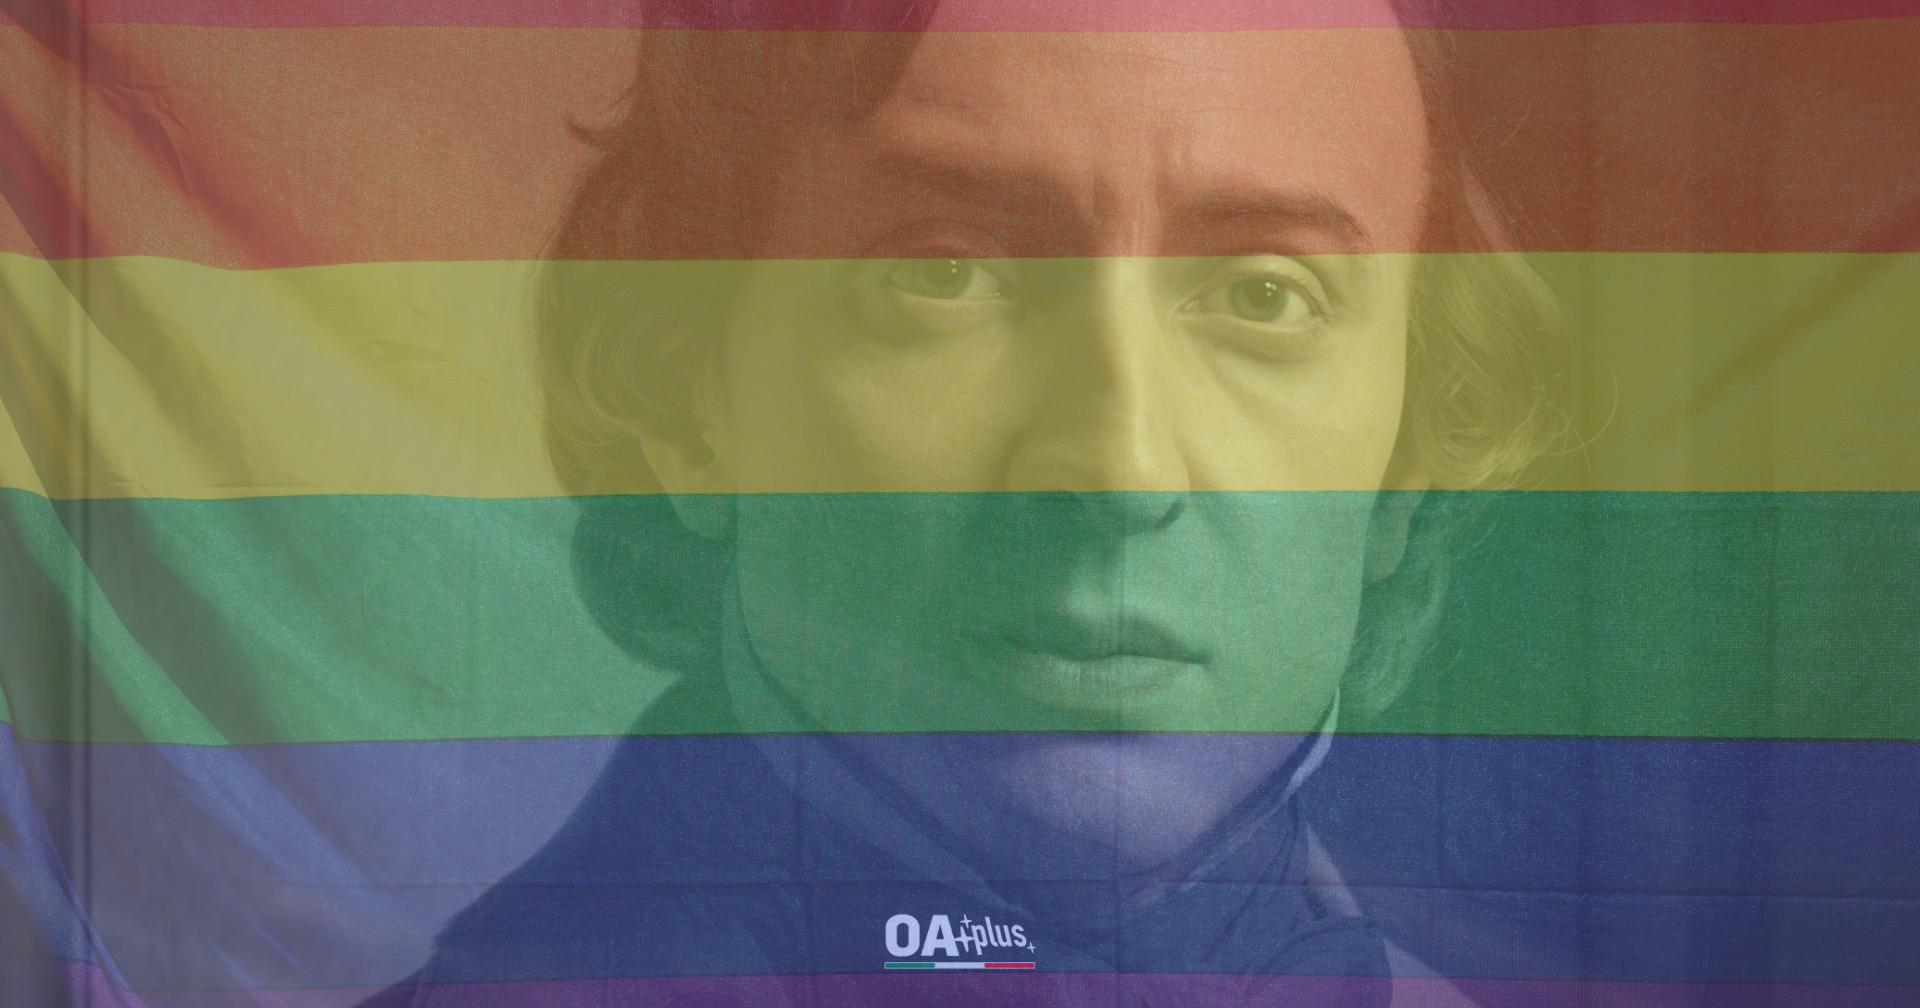 Chopin: la sua omosessualità fa ancora paura